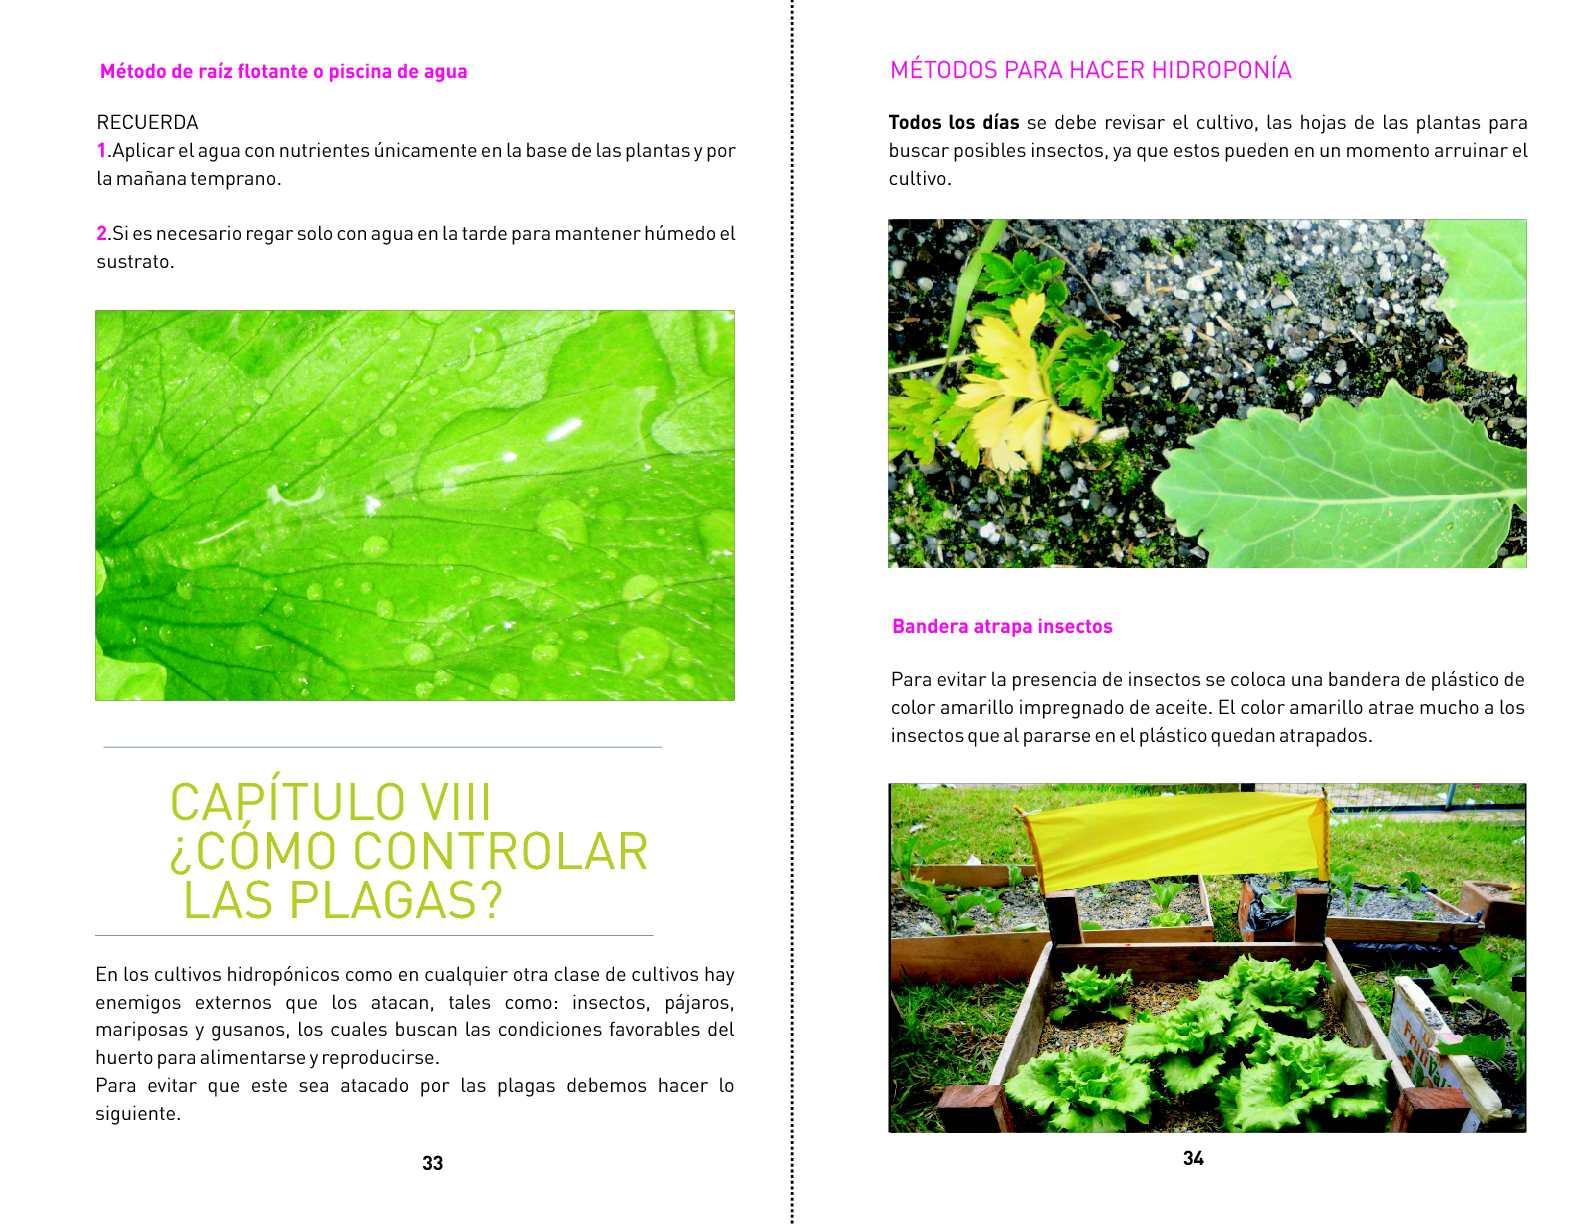 Cultivos Idroponicos Affordable Cultivos Ucbruealesy De Len With  # Muebles Ridodel